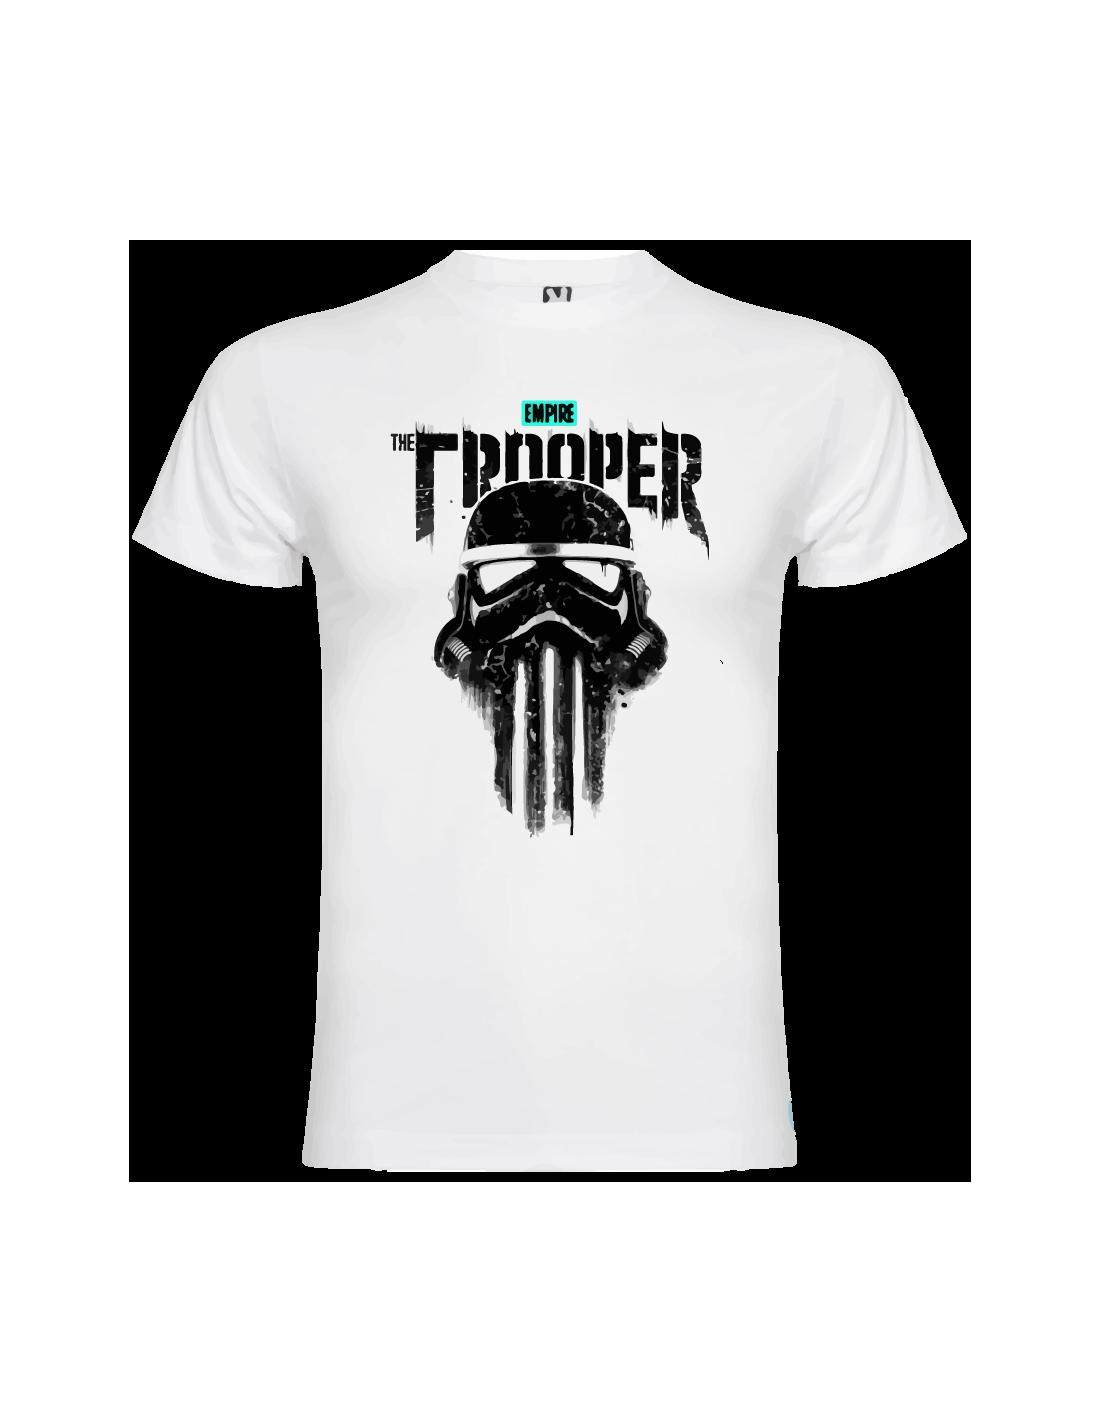 Camiseta premium estampación en impresión directa alta calidad. Diseño  exclusivo de ReyLobo. Tu tienda de Camisetas Molonas. Personalizamos  camisetas. 22fafd80efb